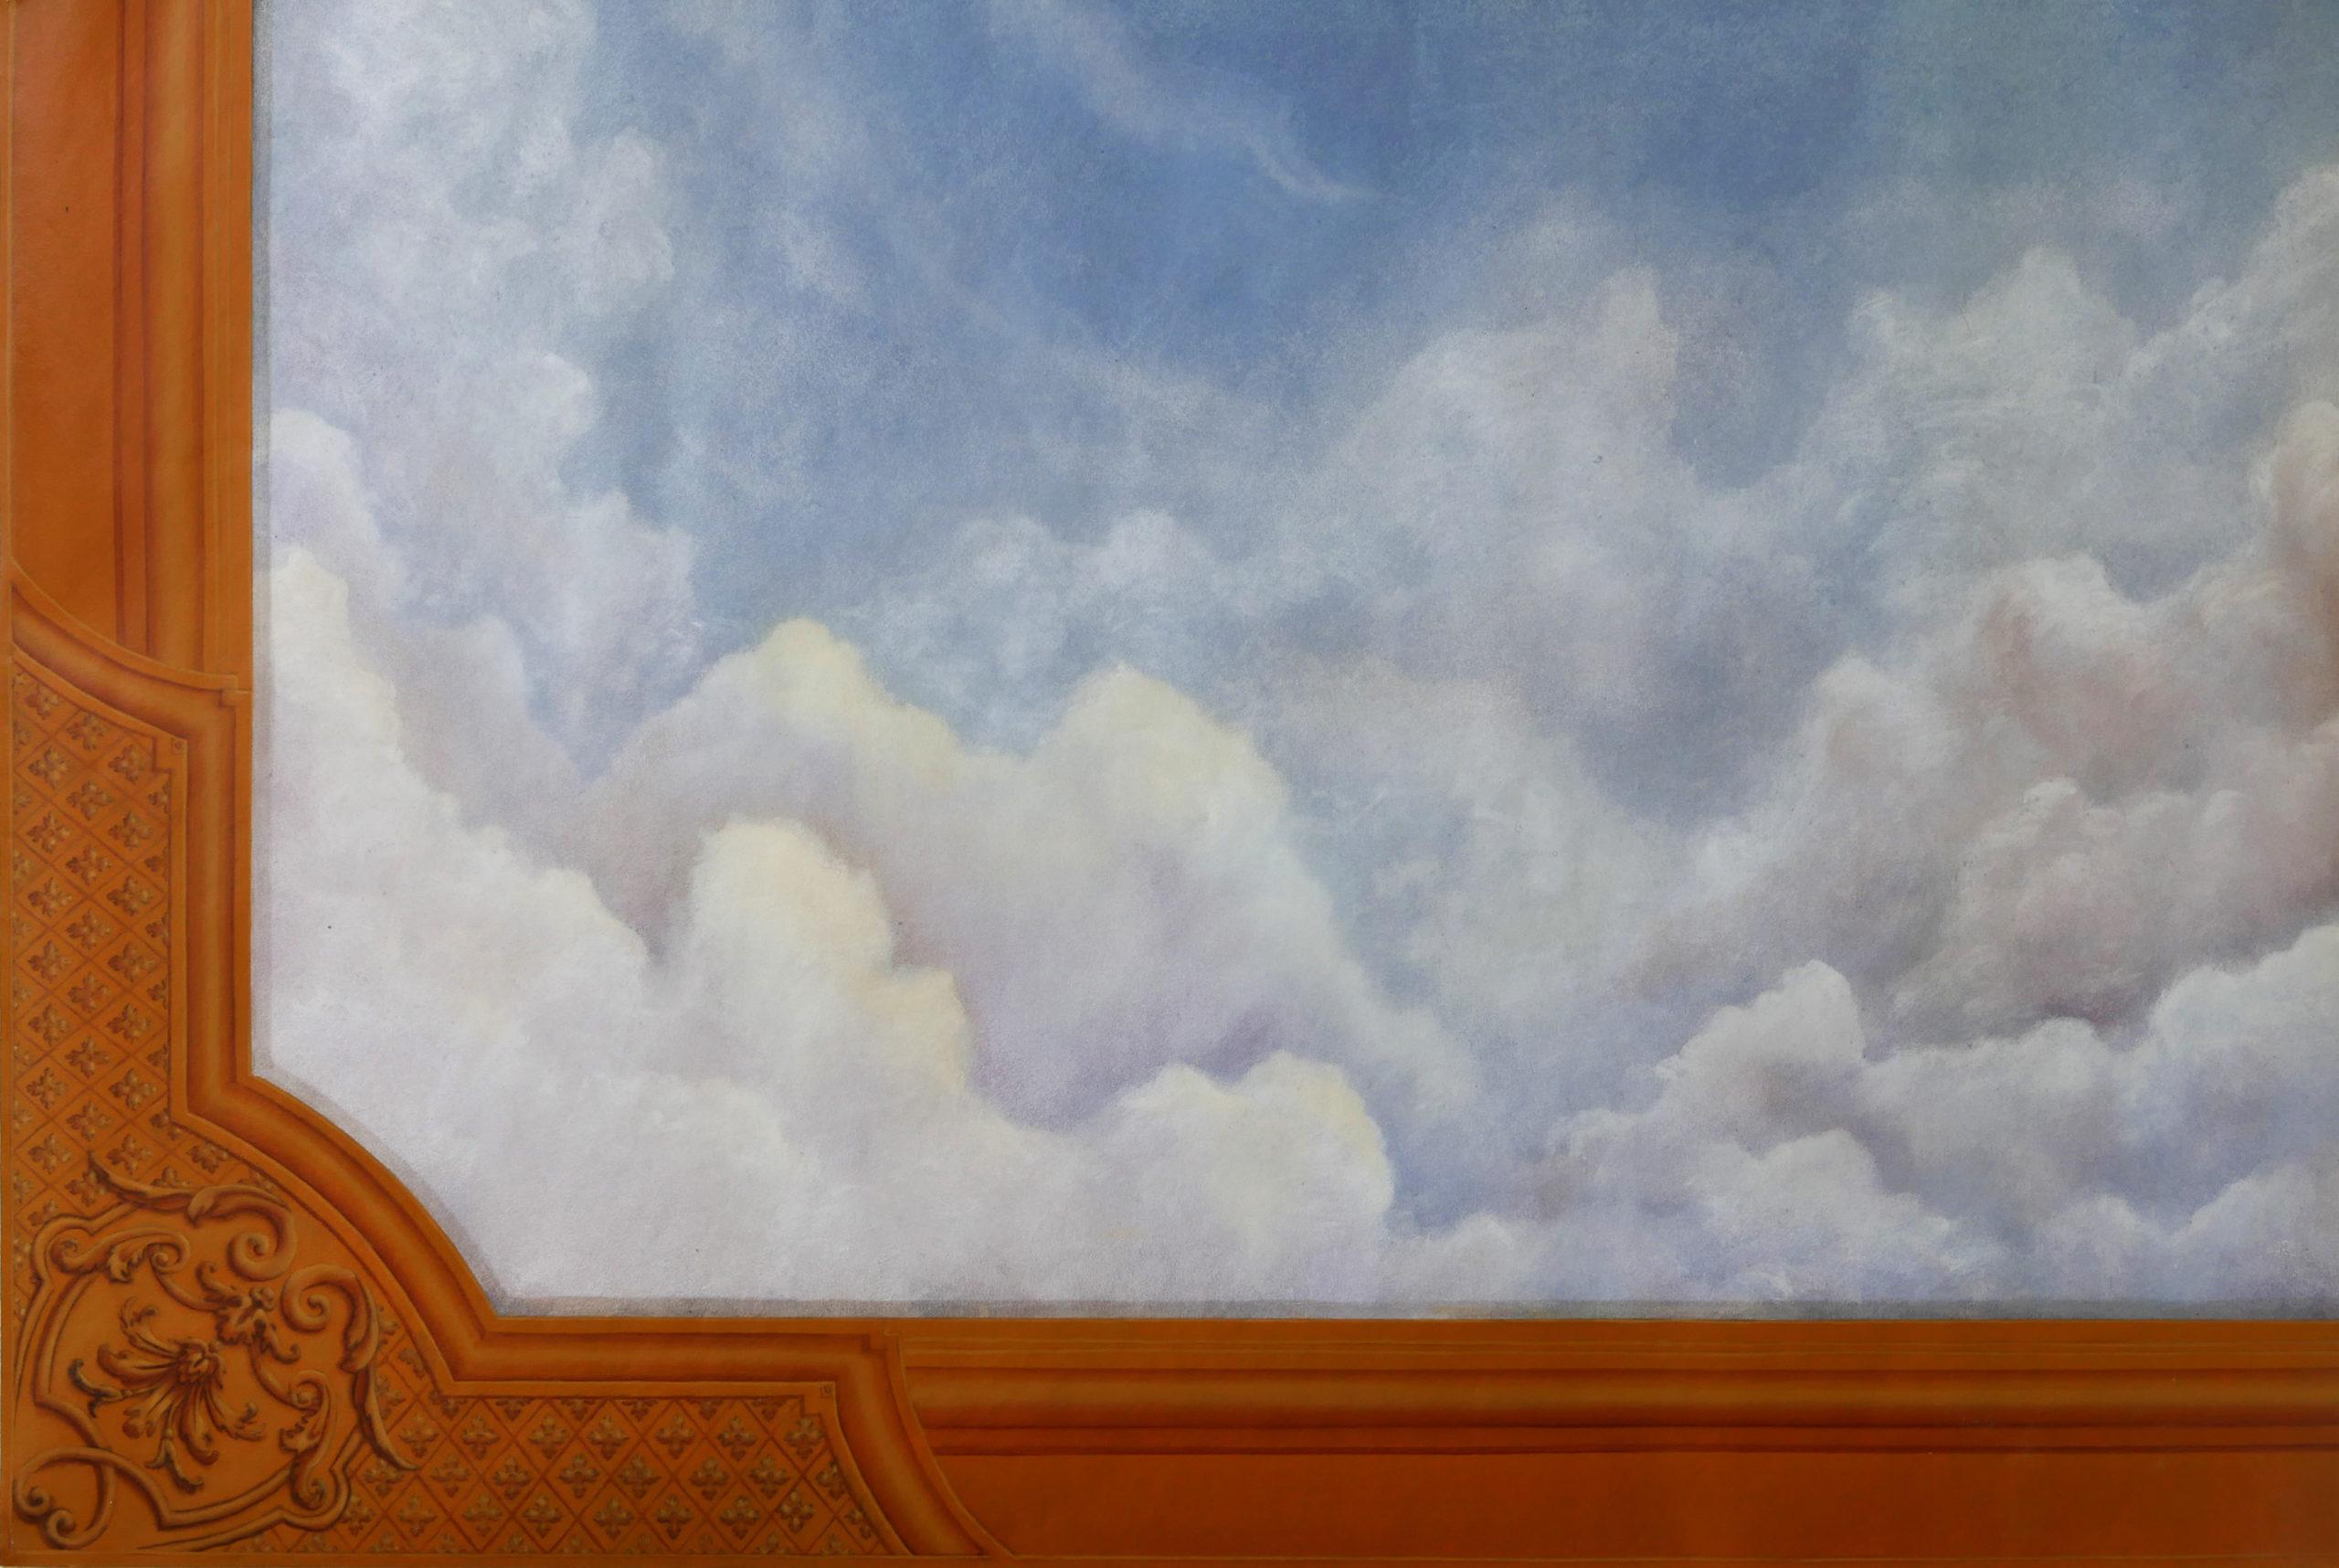 Décor ciel façon XVIIe siècle et son écoinçon. Assilem décors, peintre en décor Bordeaux, décoration intérieure, peinture décorative